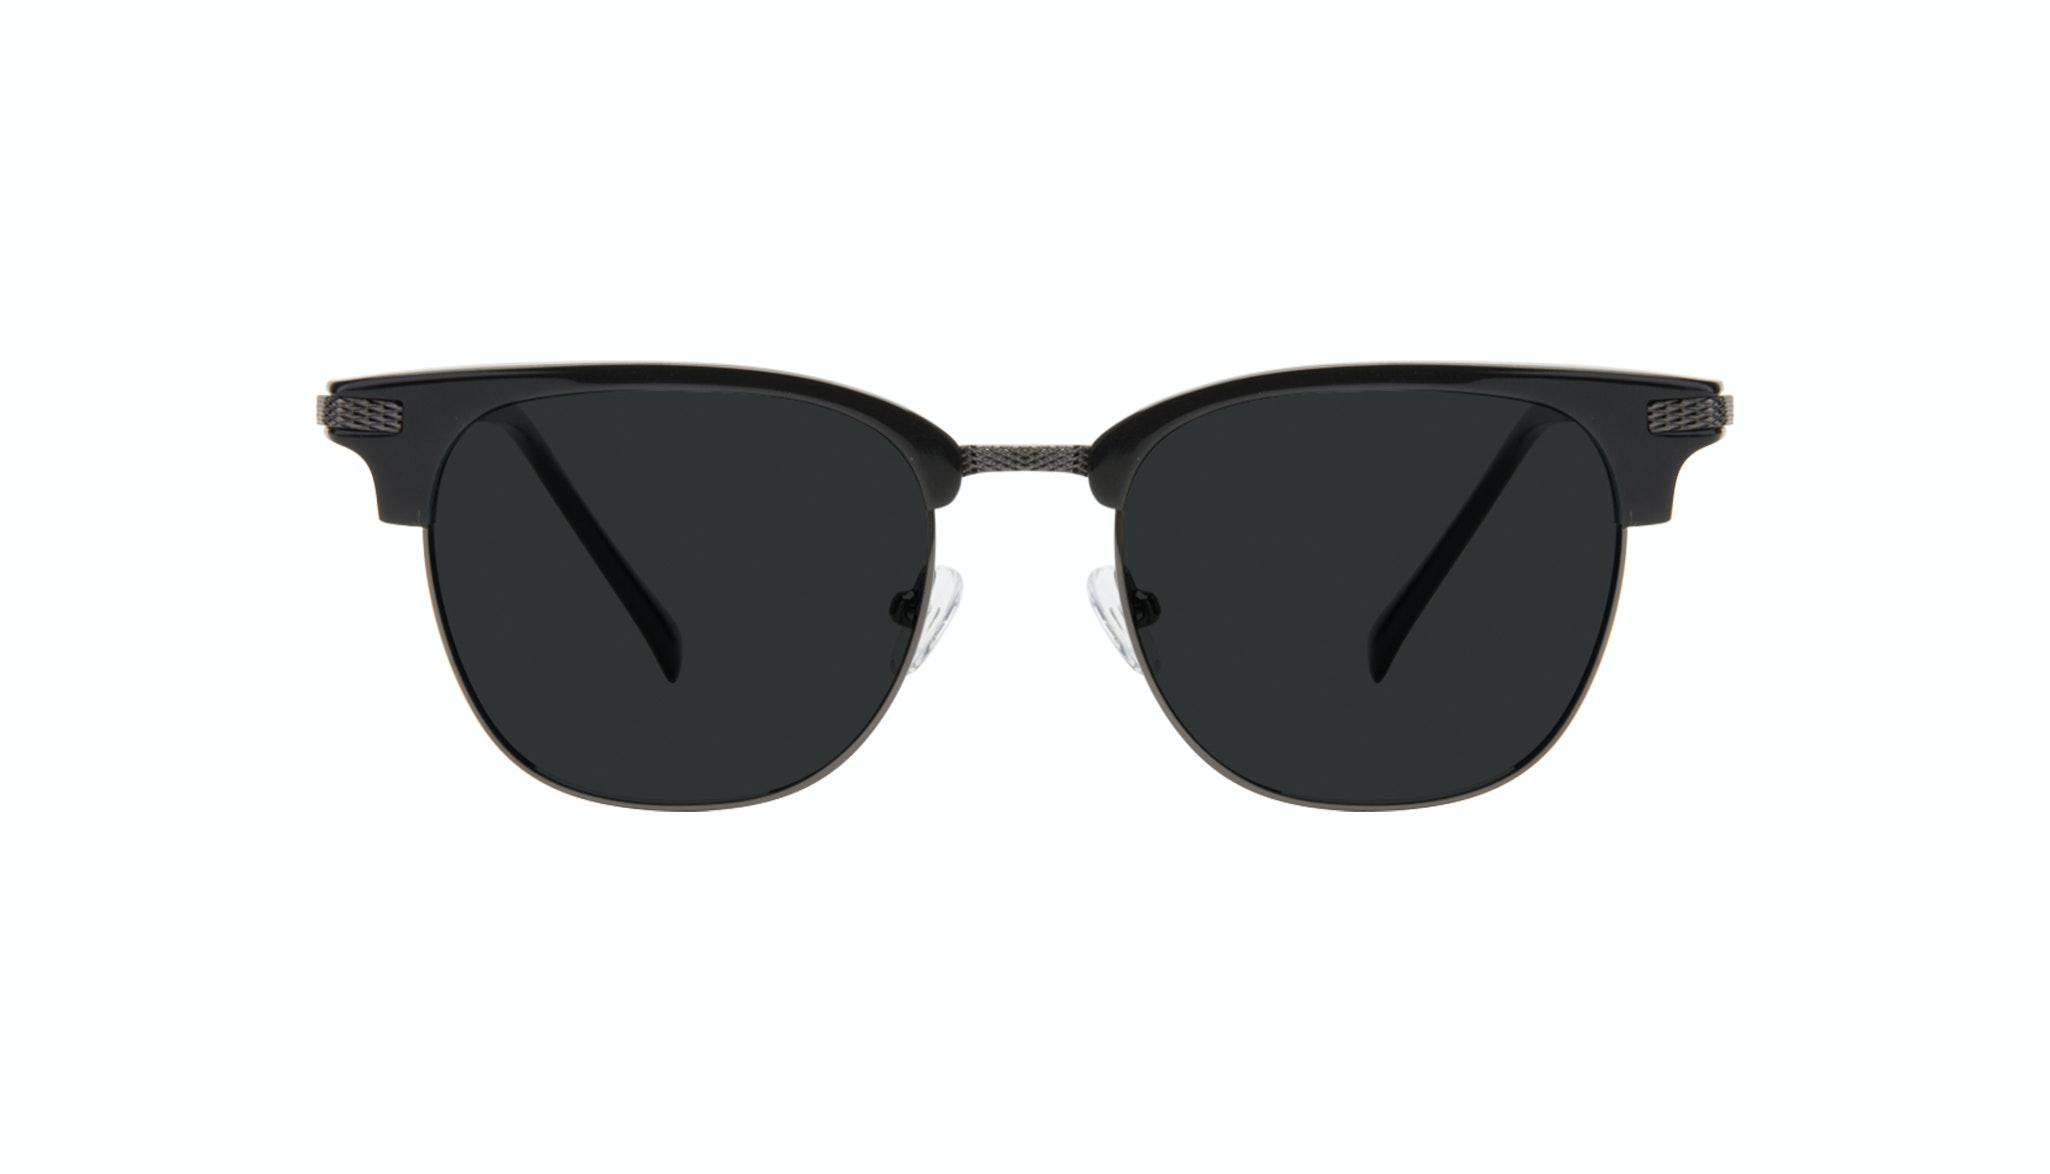 Lunettes tendance Carrée Lunettes de soleil Hommes Blacktie Onyx Face